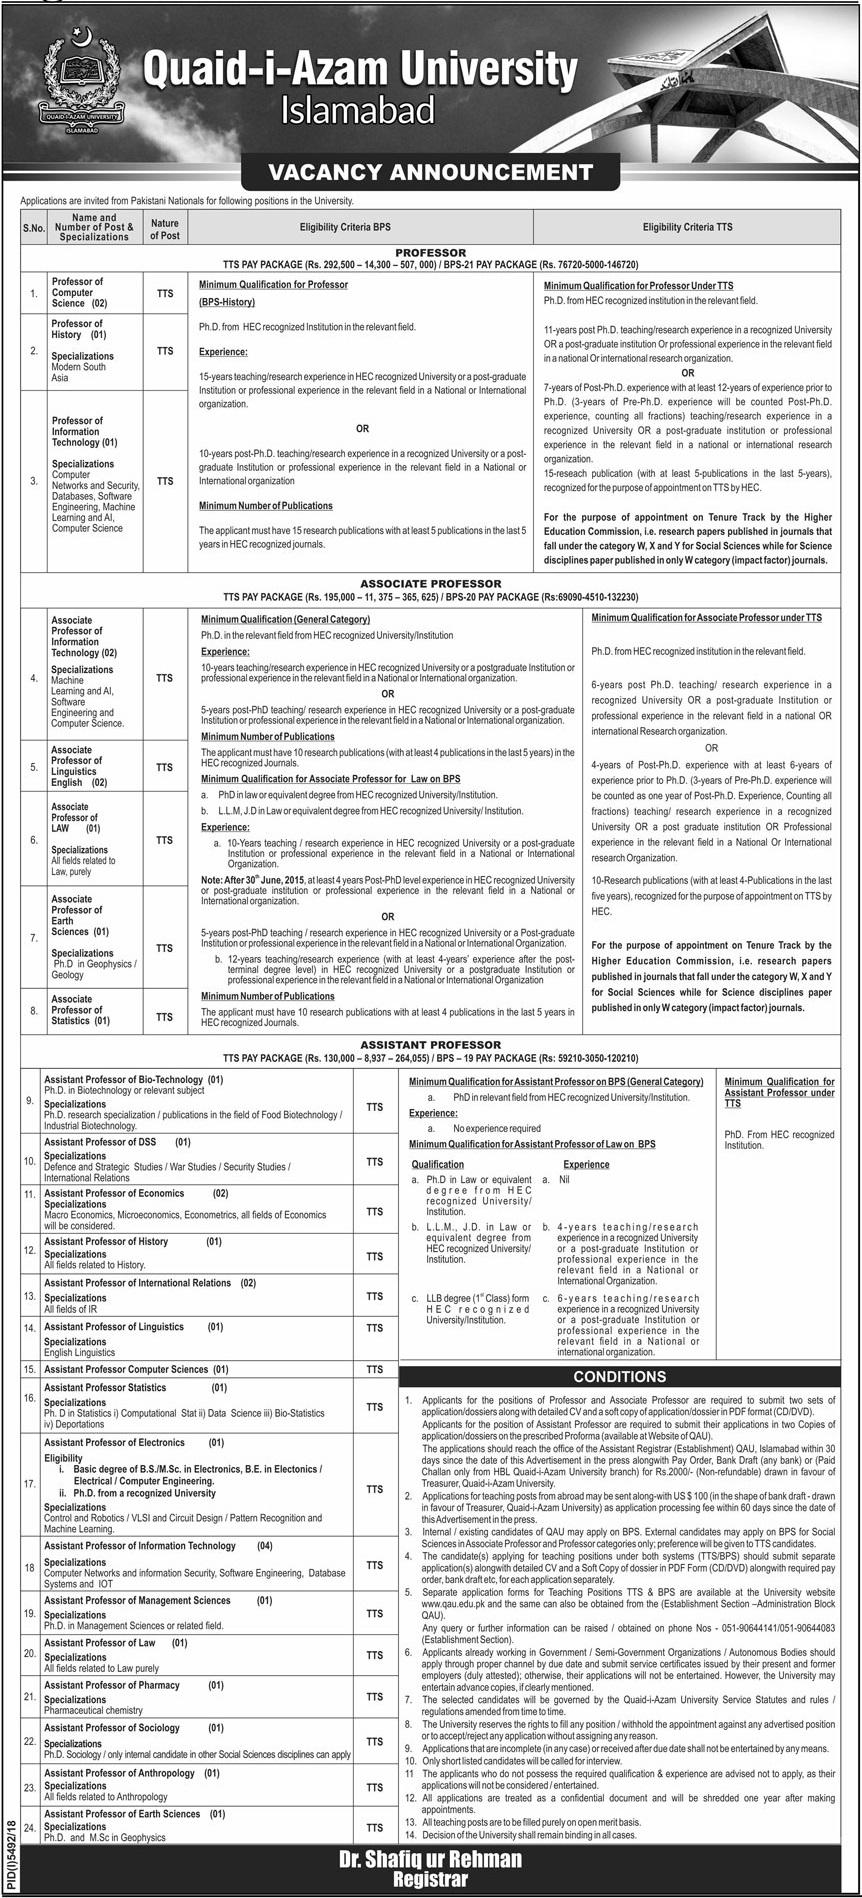 Quaid e Azam University Jobs 2019 in Islamabad